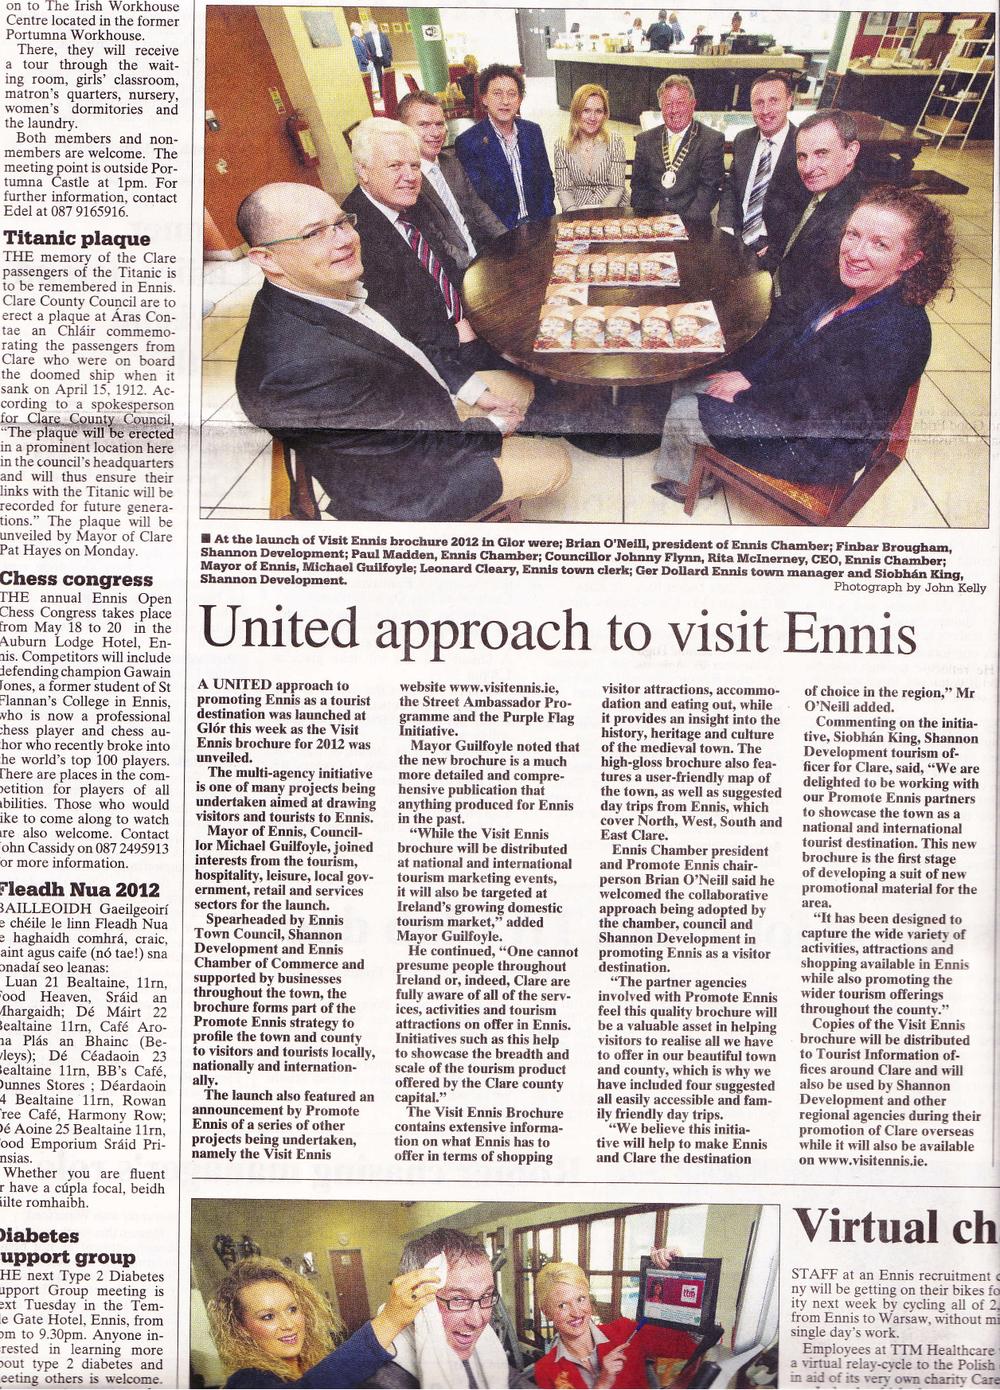 Promote Ennis Brochure Launch